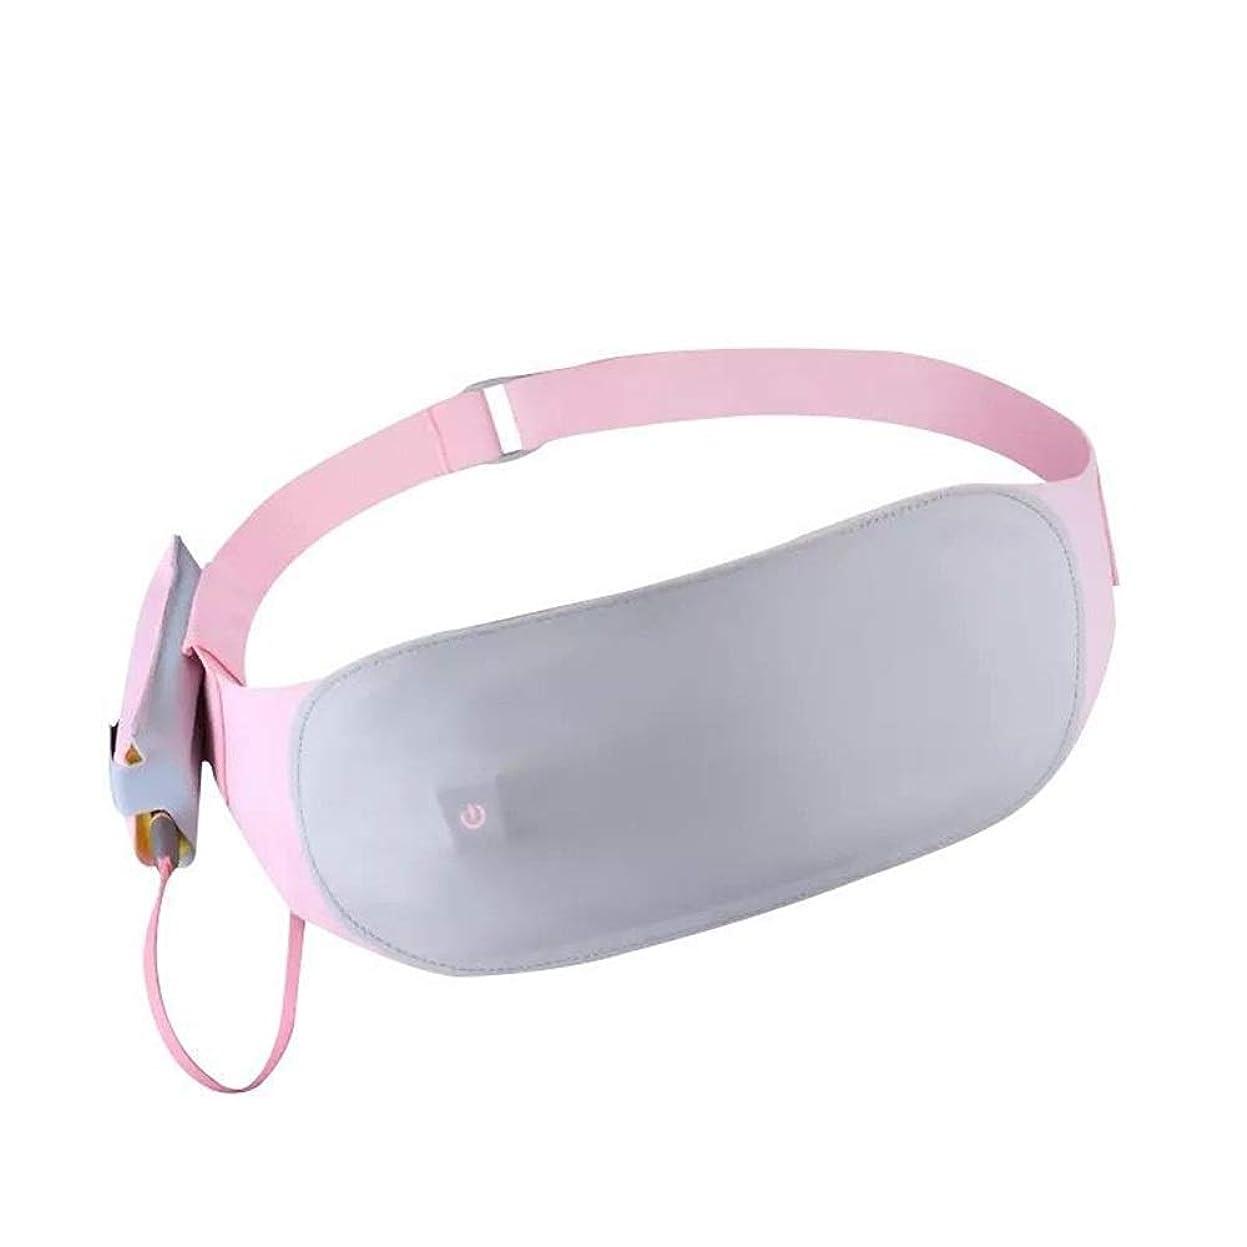 マニュアル元に戻す簡単なポータブルウエスト暖房パッドベルト3ヒートセッティング洗えるのために背中の痛み腹部の胃のけいれんの痛みを軽減するアジャスタブル柔軟なストラップ 腰痛保護バンド (色 : ピンク, サイズ : Free size)